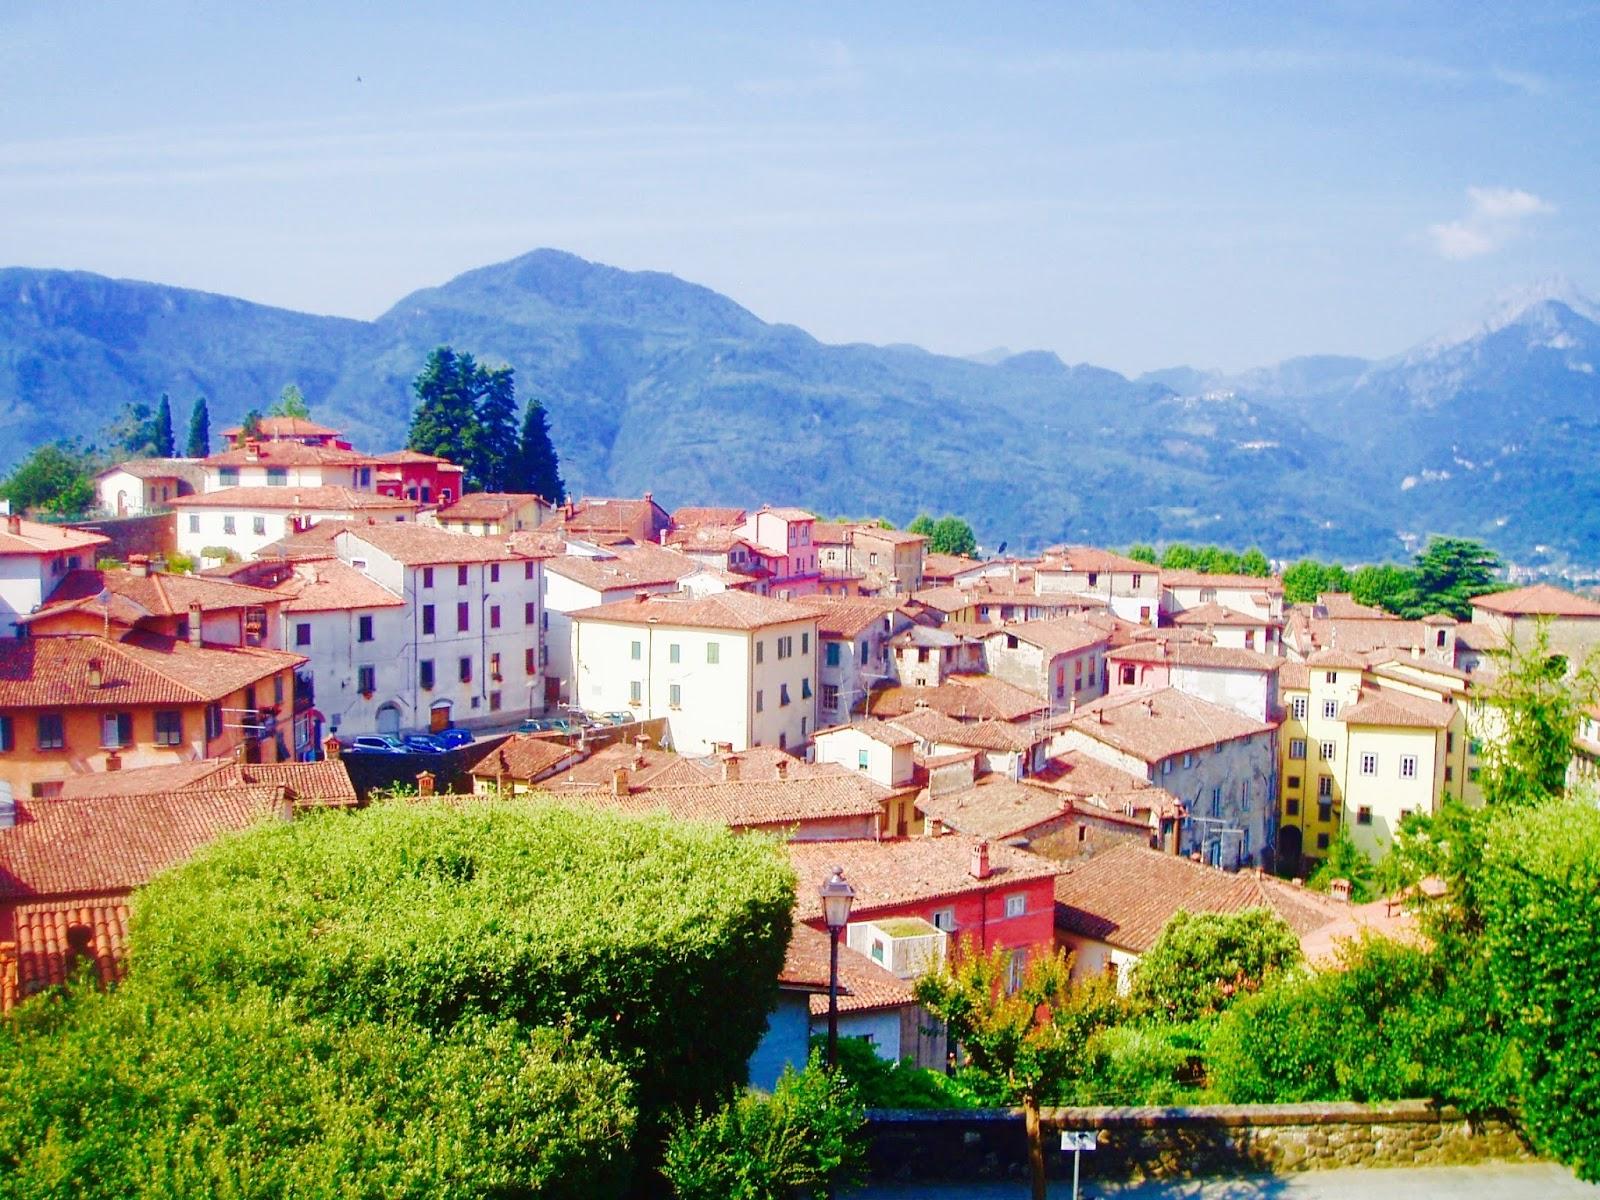 #tuscany, #Italy, #mountains, #pretty